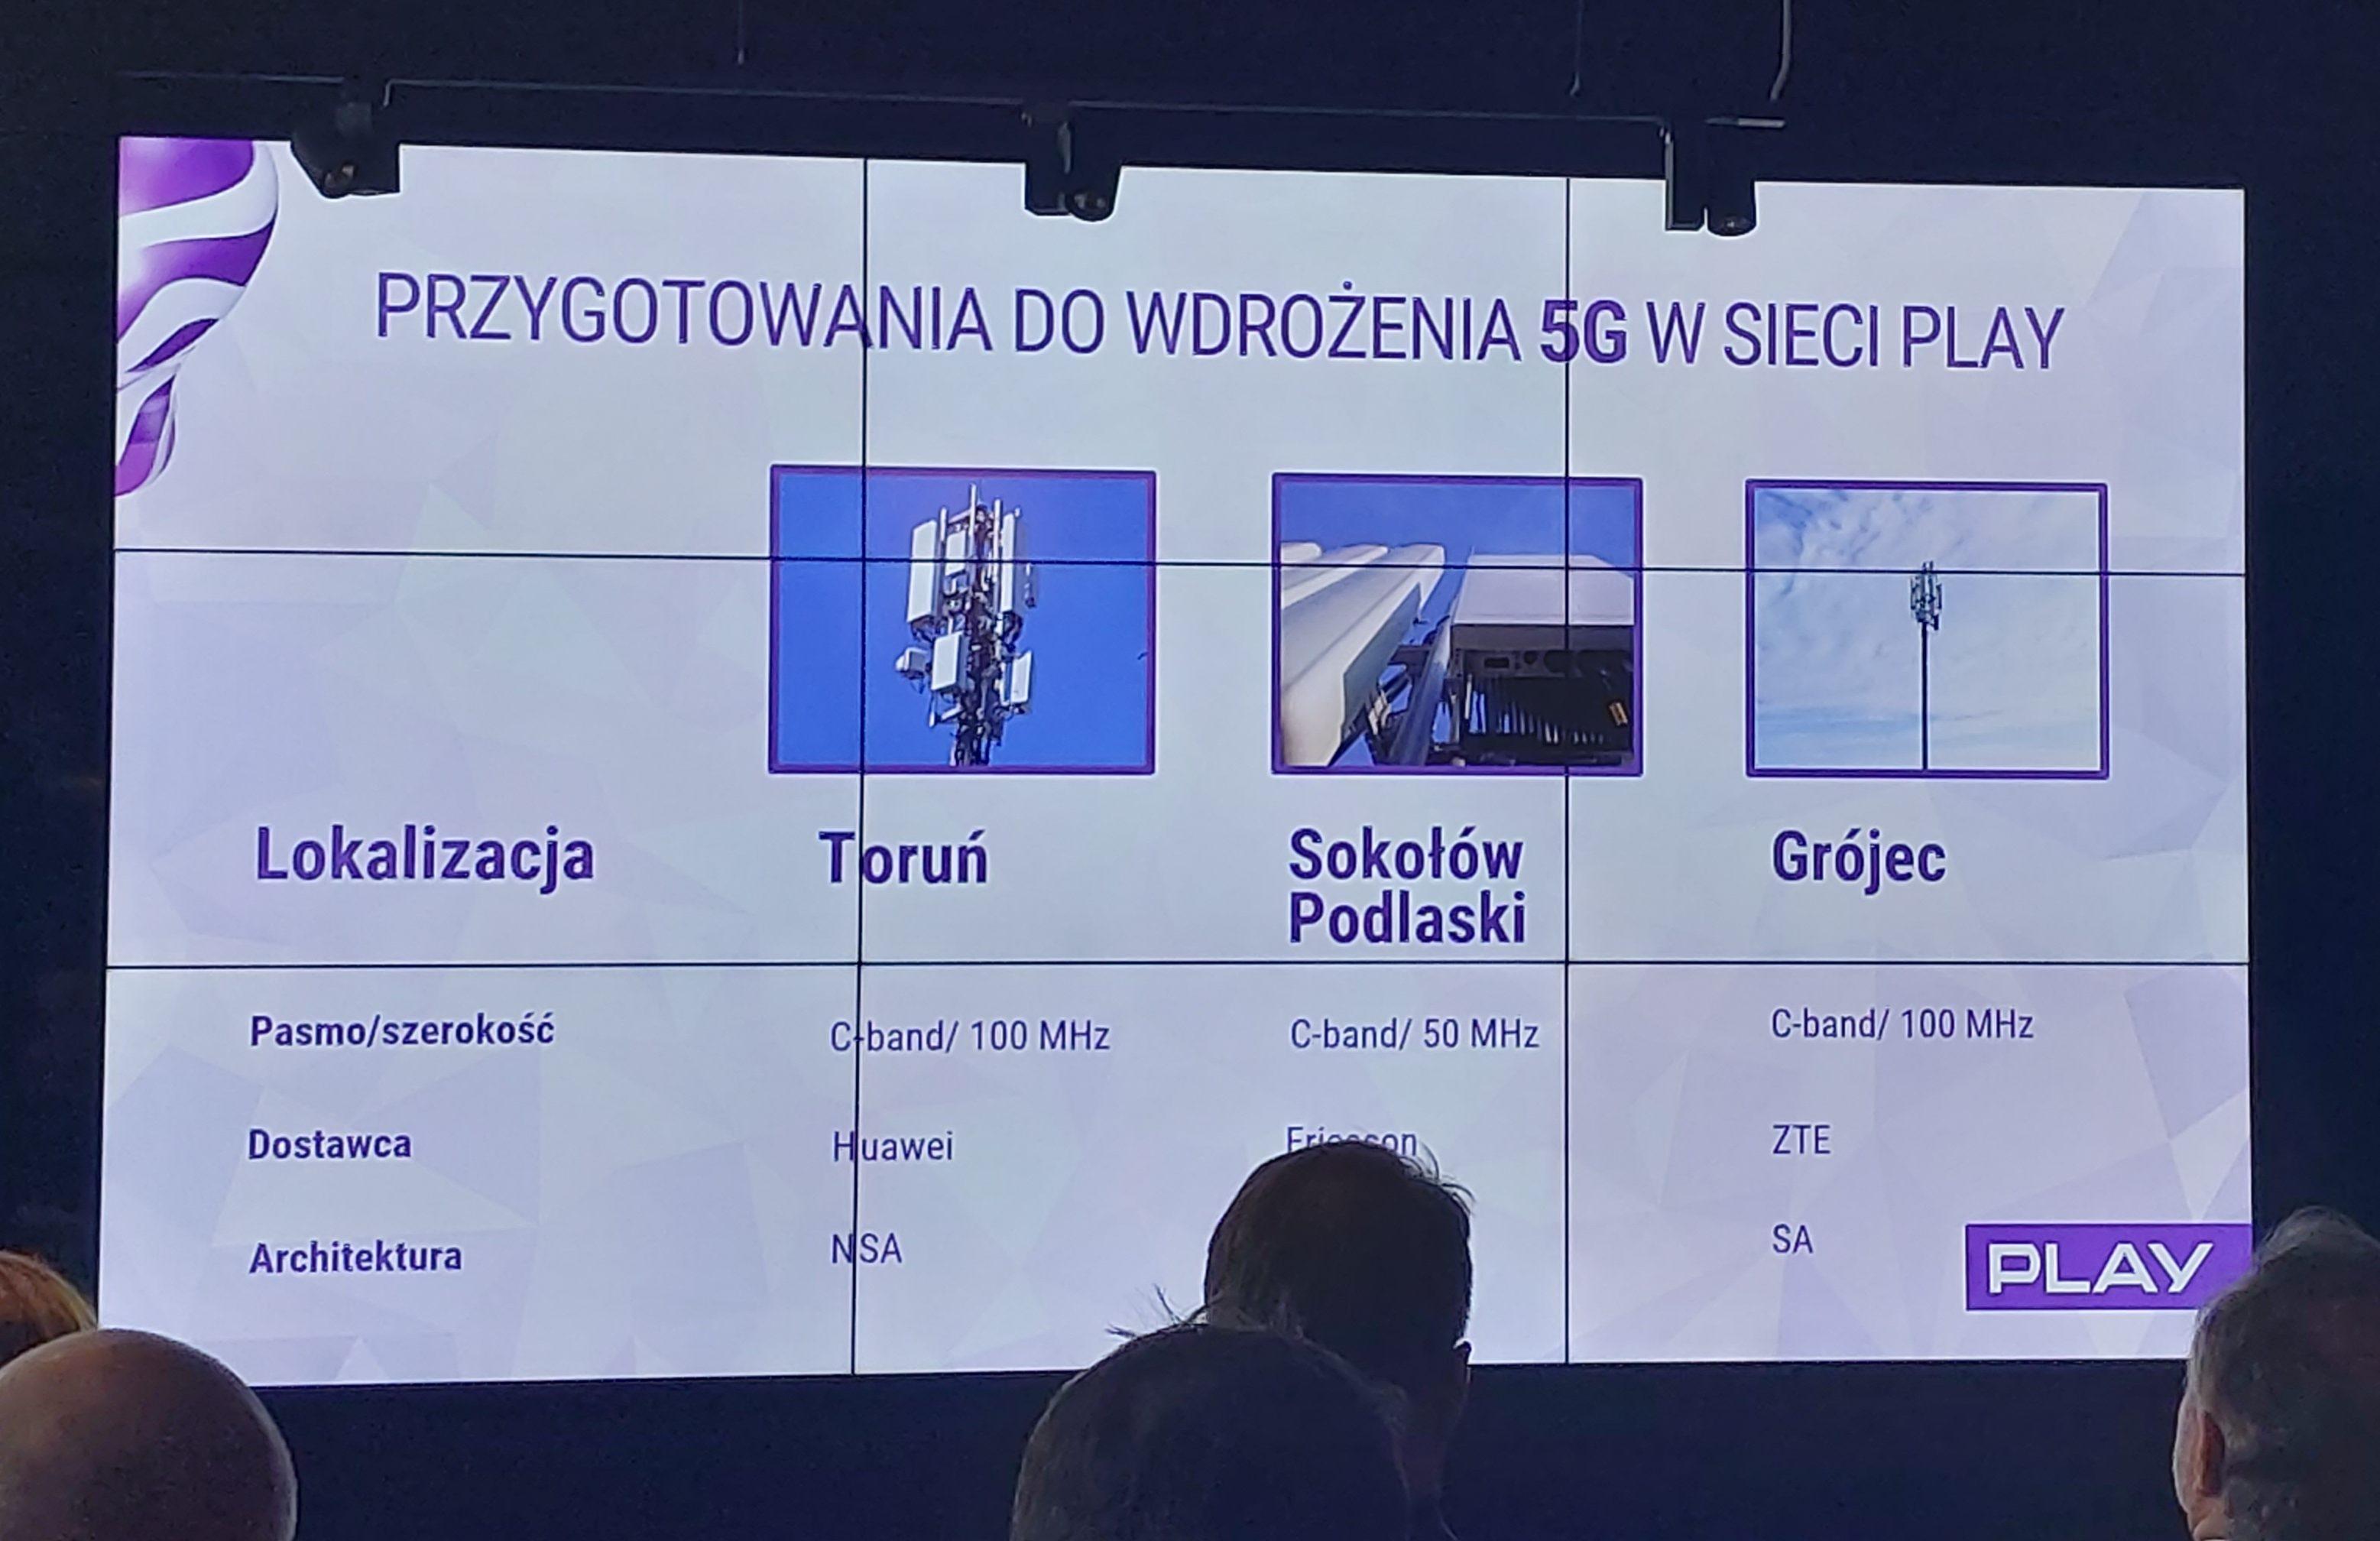 Oficjalnie: Gdynia pierwszym polskim miastem z siecią 5G od Play